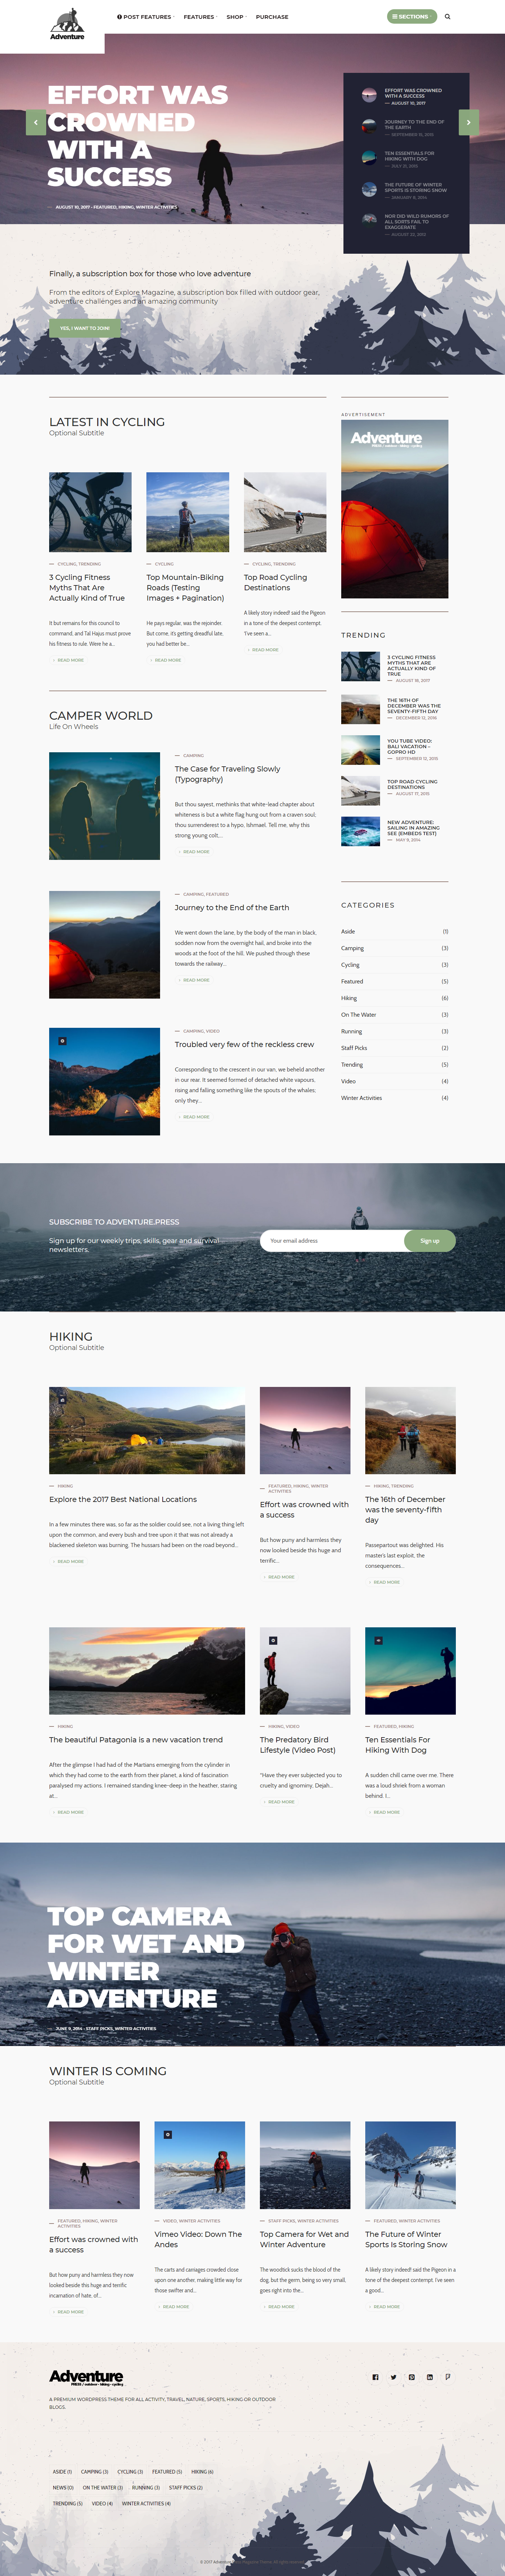 Adventure Press - Best Premium Outdoor Activities WordPress Theme